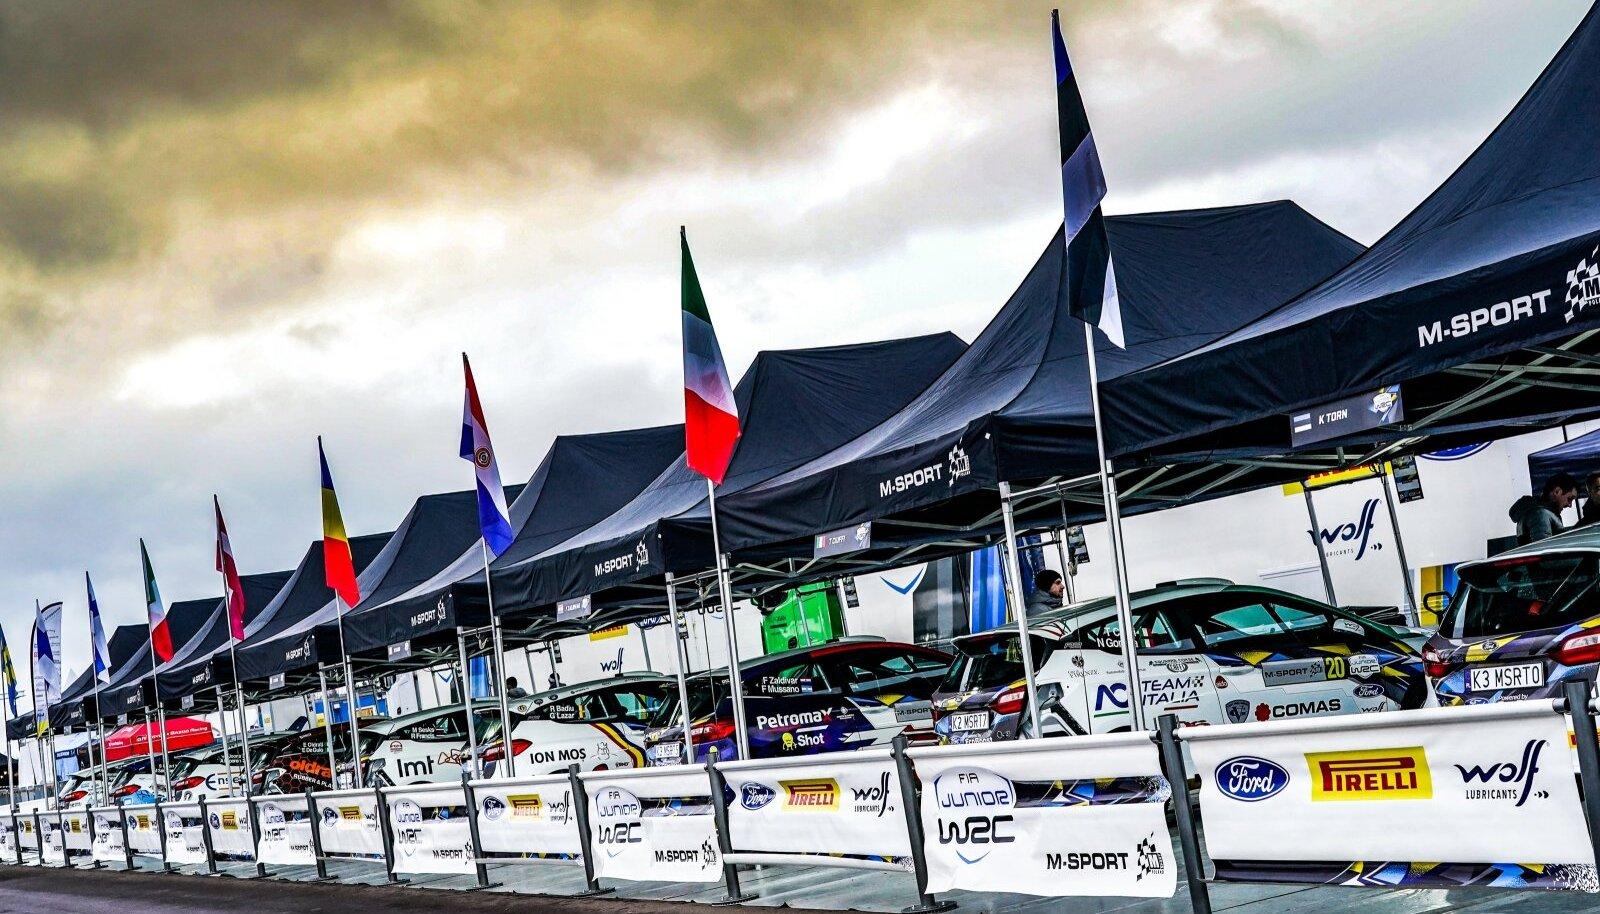 Ken Torn on kolmandat aastat sättinud oma auto Juunior WRC sarjas osalejate rivisse.